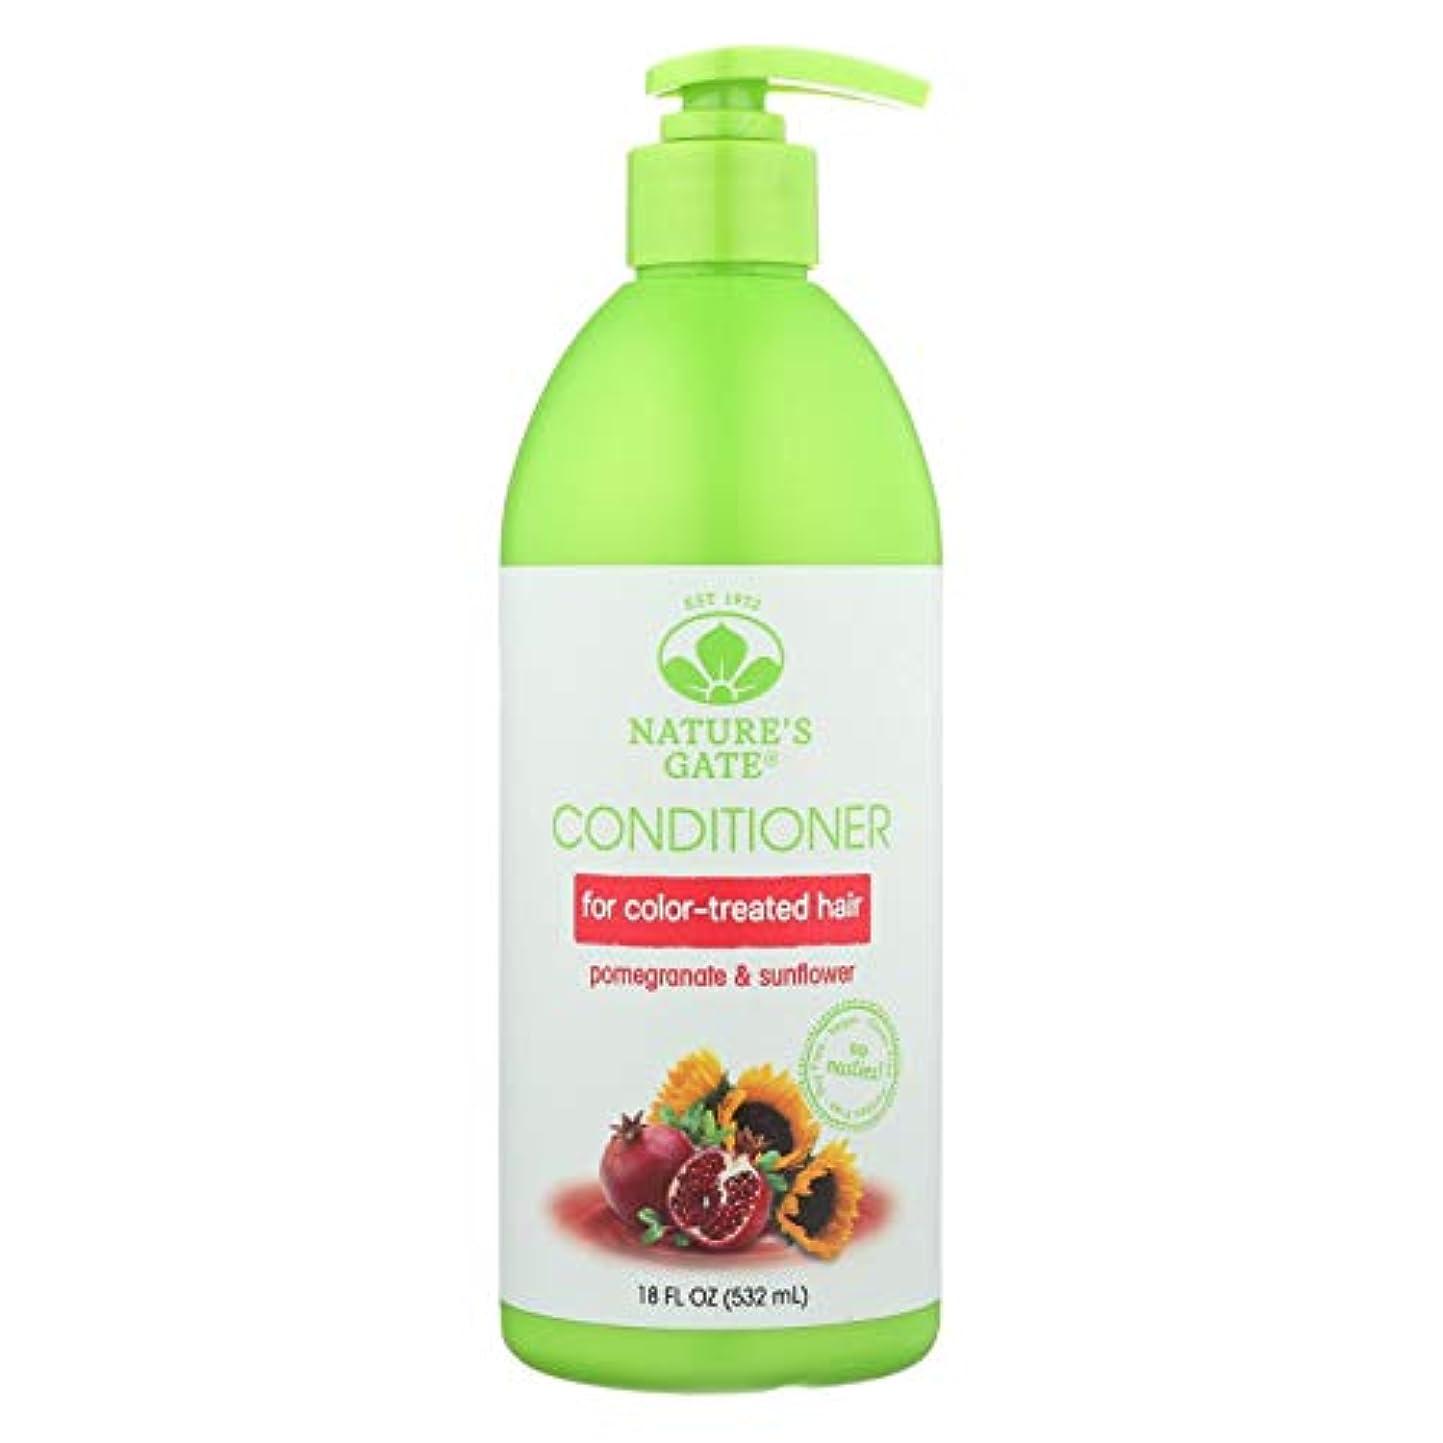 アリ散歩サービスNature's Gate, Conditioner, Hair Defense, Pomegranate Sunflower, 18 fl oz (532 ml)